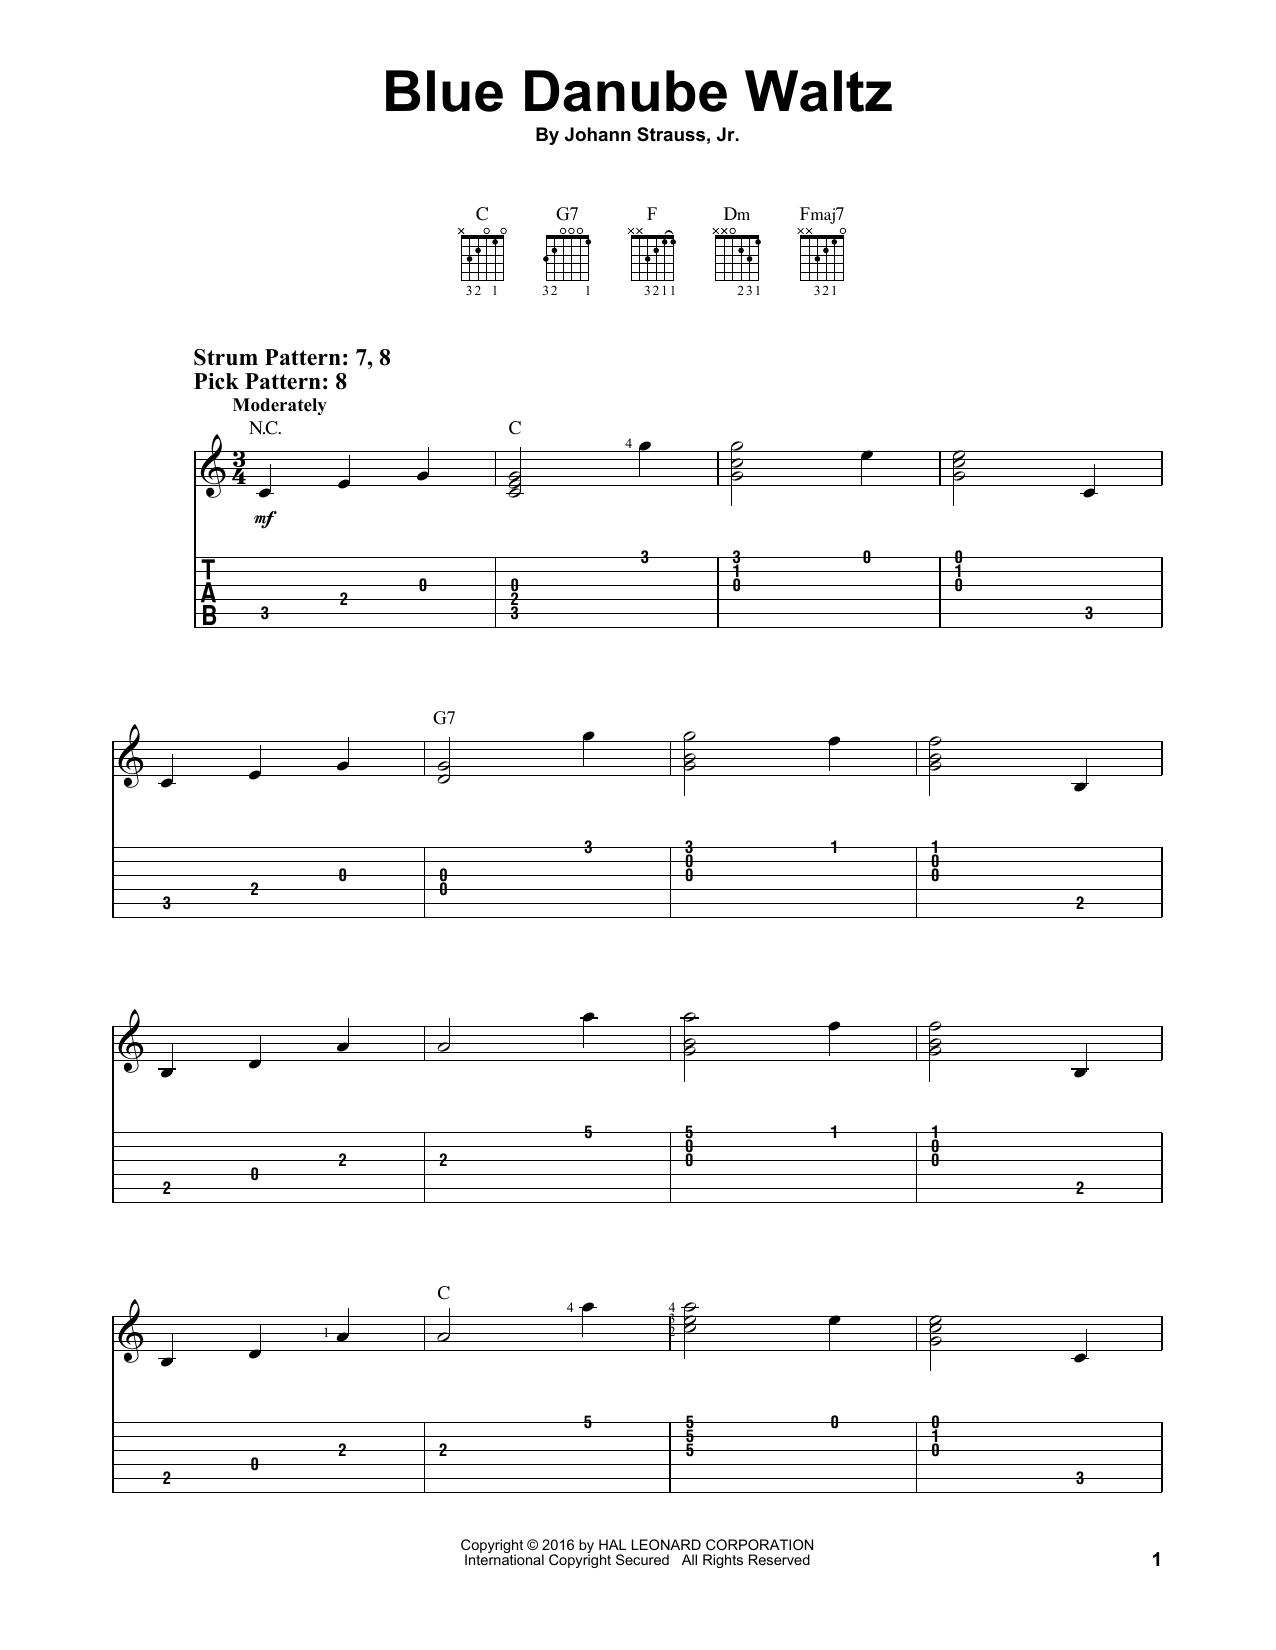 Tablature guitare Blue Danube Waltz de Johann Strauss, Jr. - Tablature guitare facile